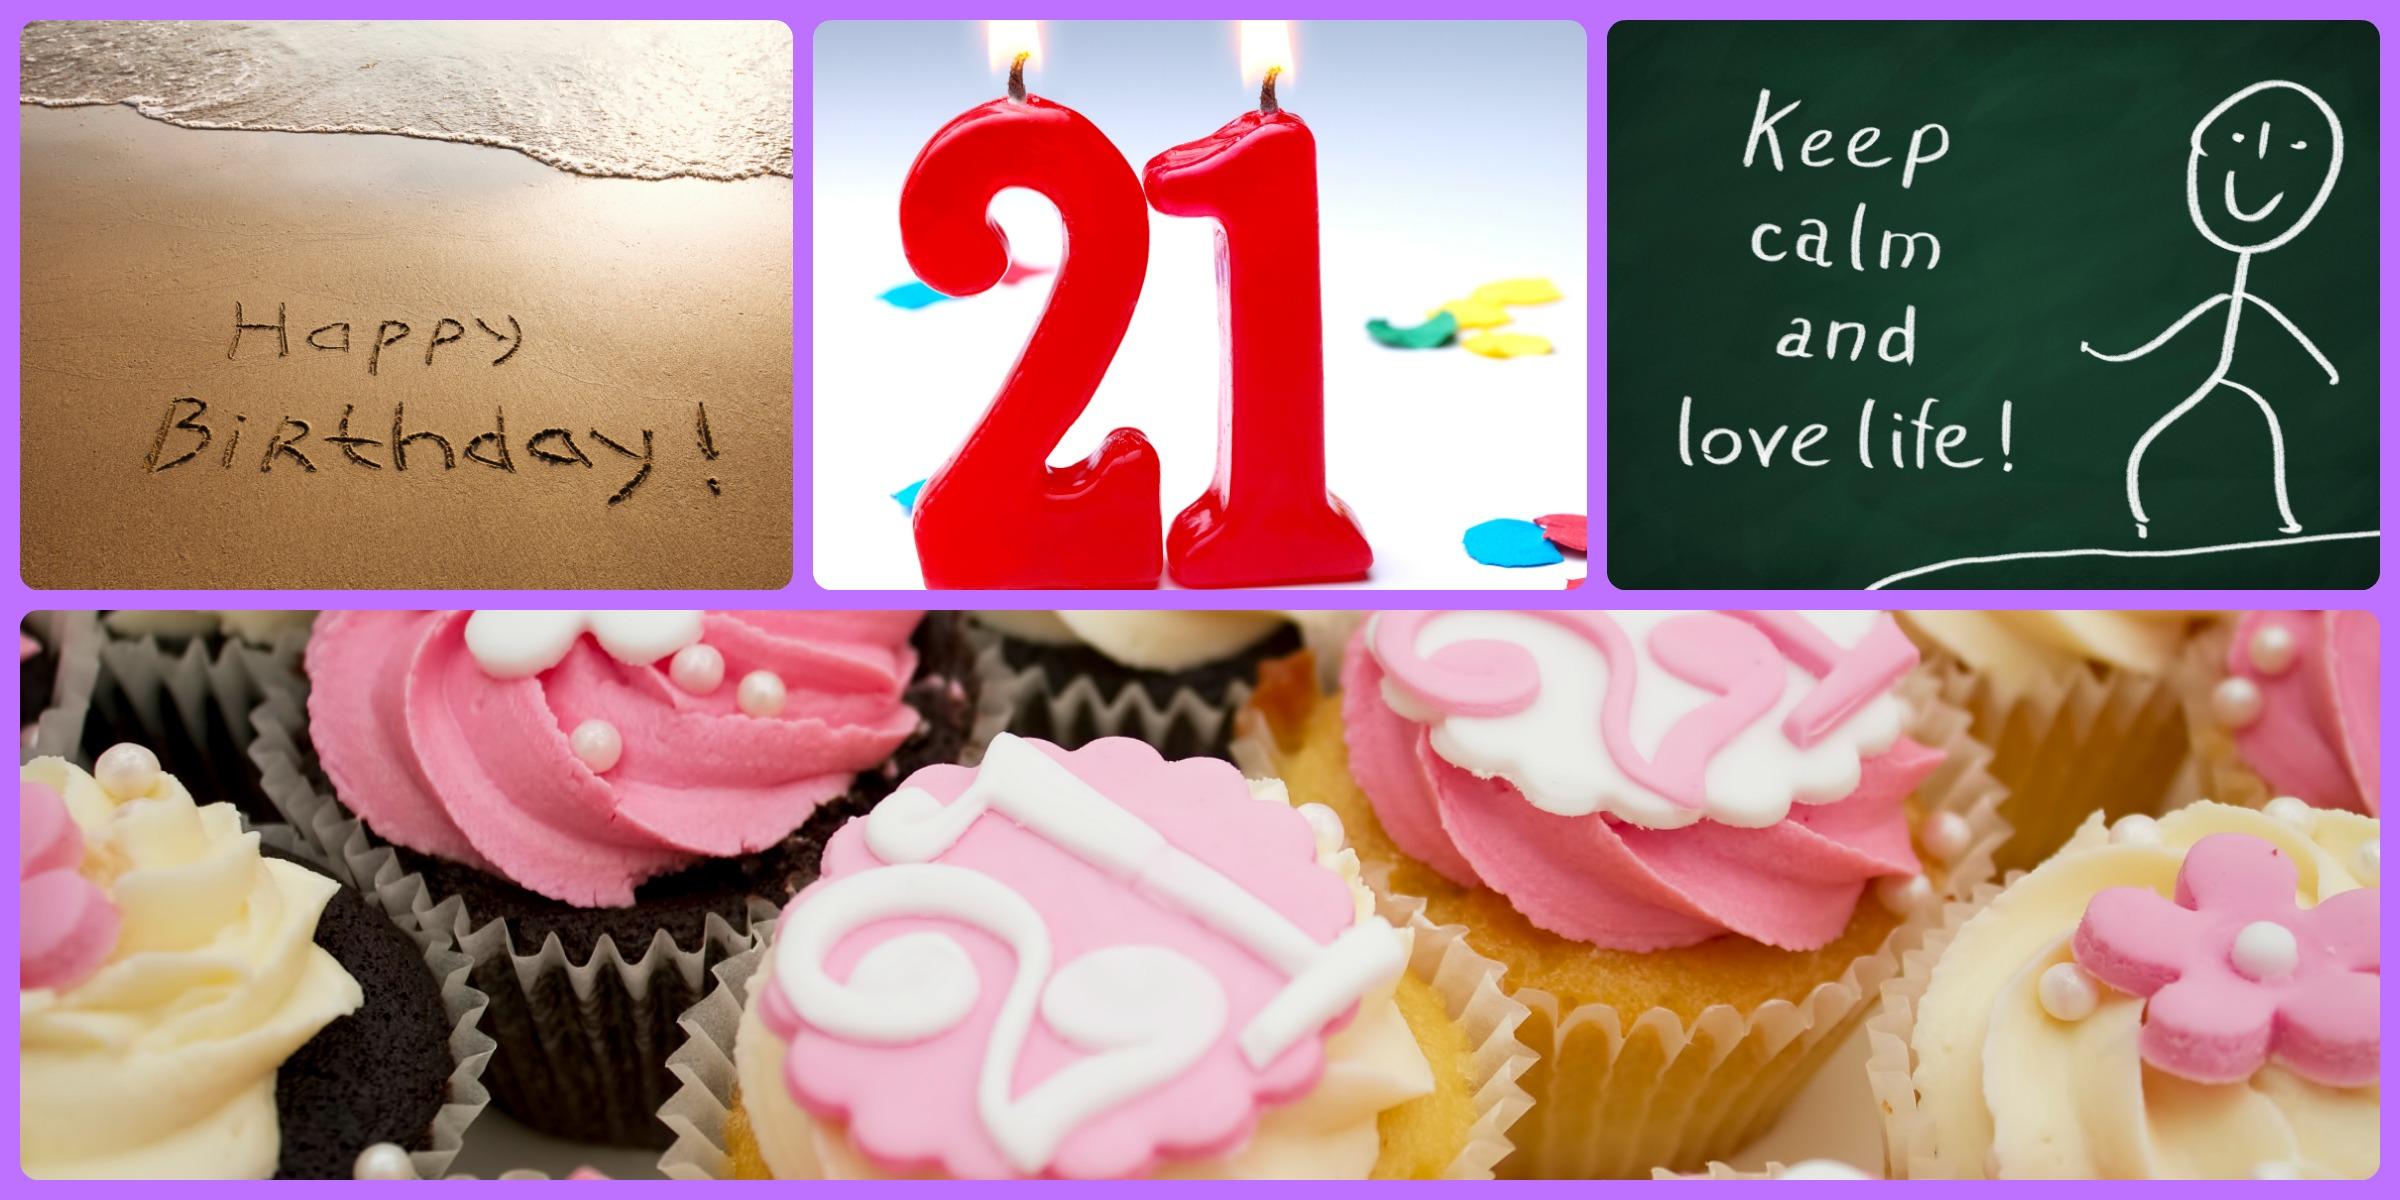 Genoeg 21 jaar? Steeds vaker een 21-diner! | Vriendenboeken.nl #TZ41